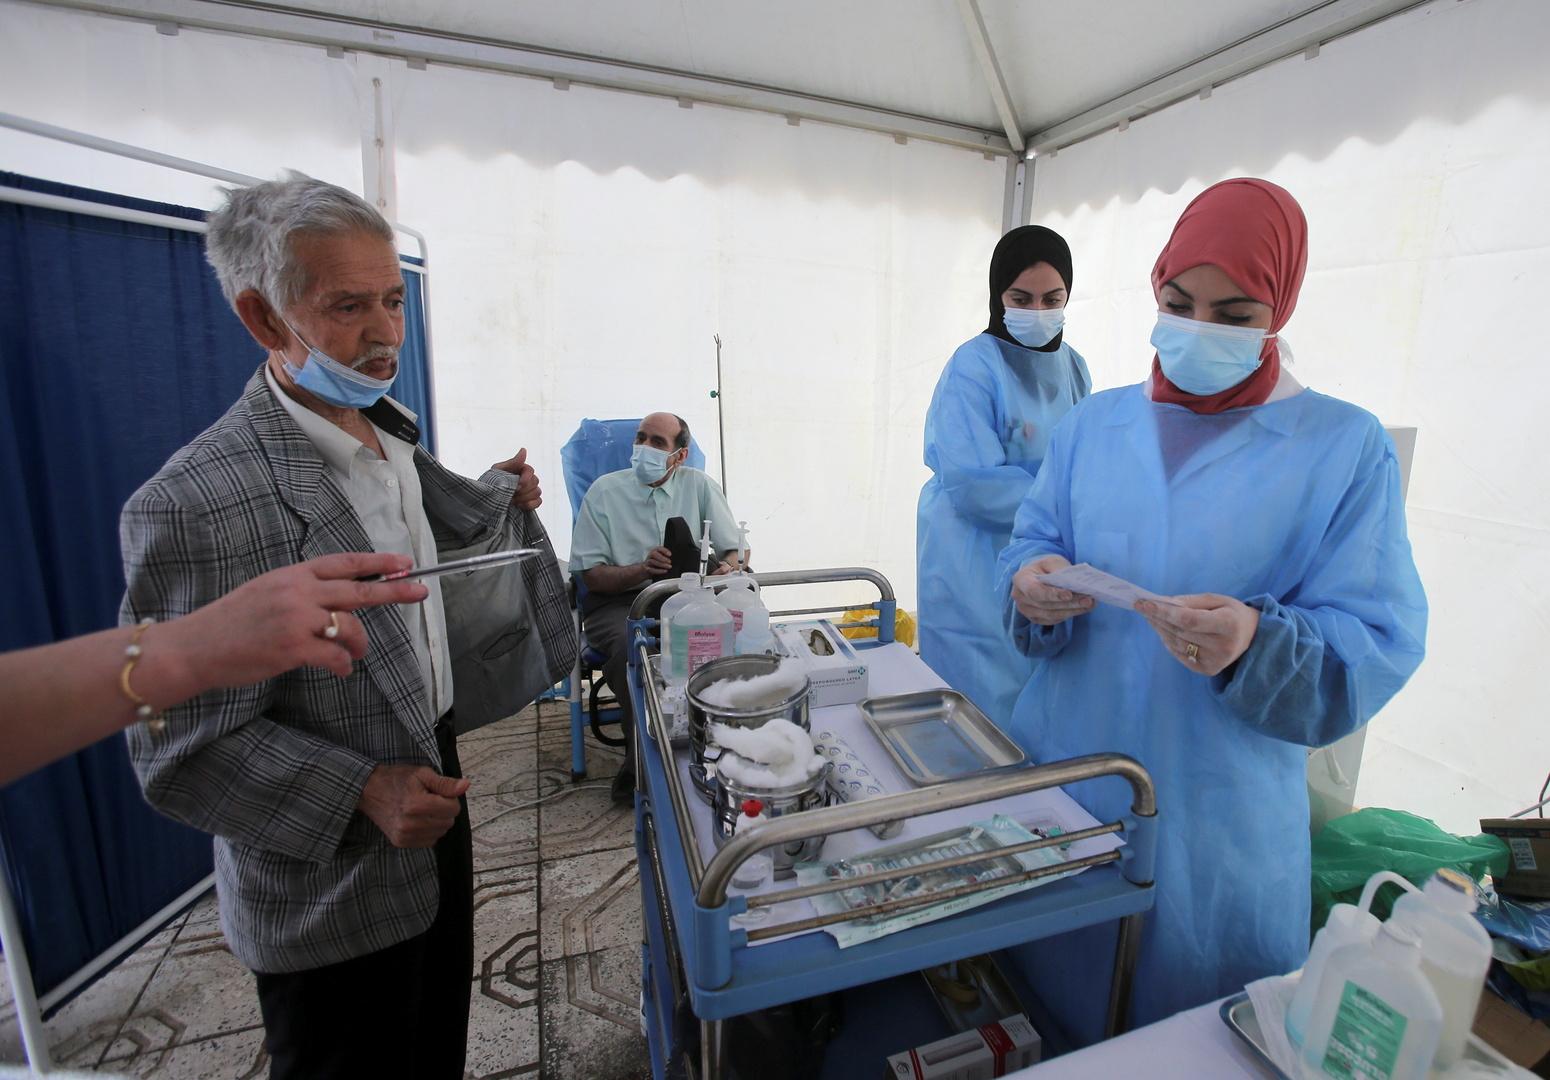 مسؤول صحي جزائري: أرقام إصابات كورونا المعلنة في البلاد لا تعكس الواقع